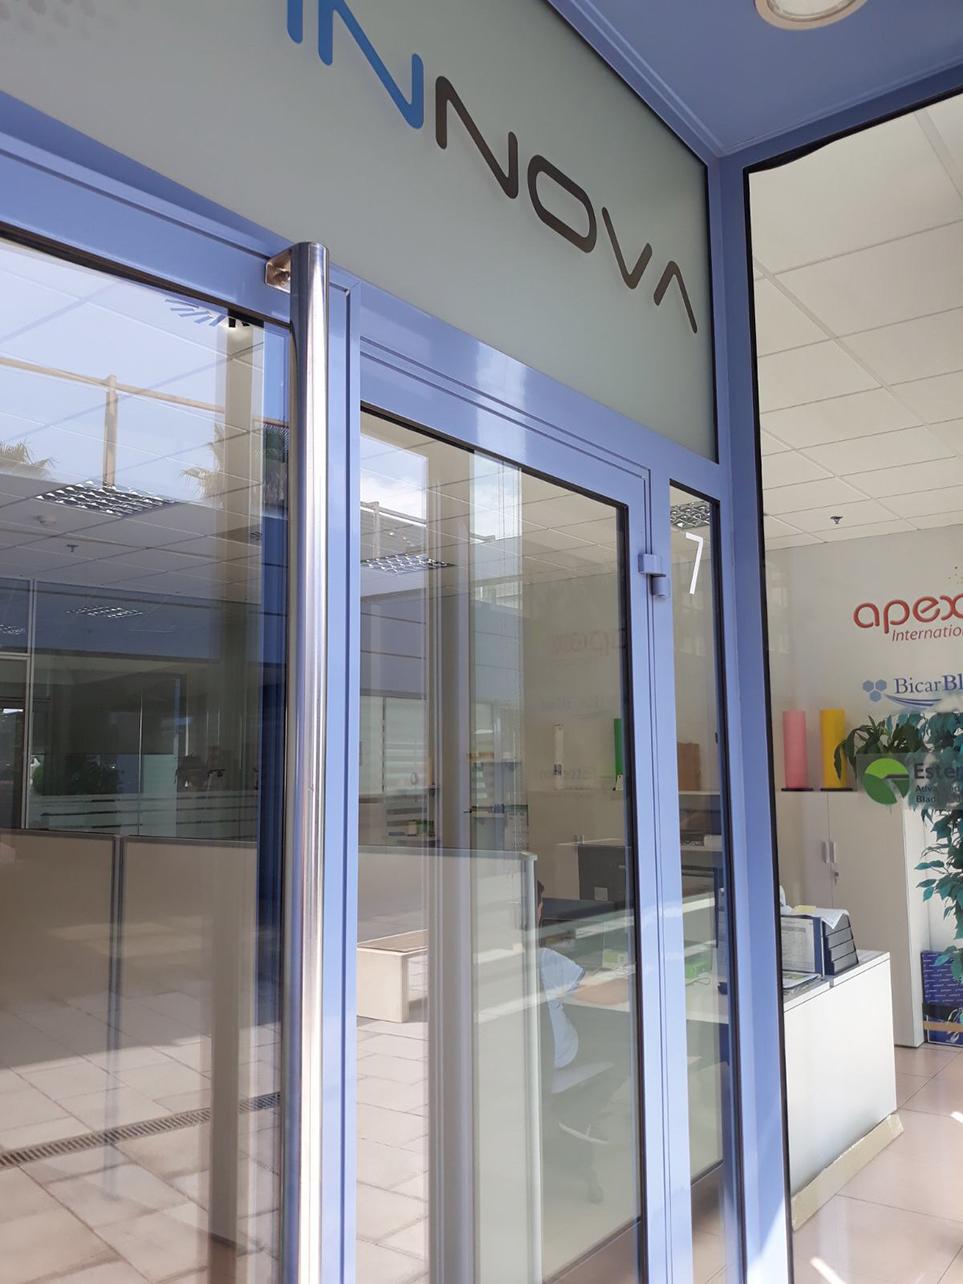 Oficinas de Innova